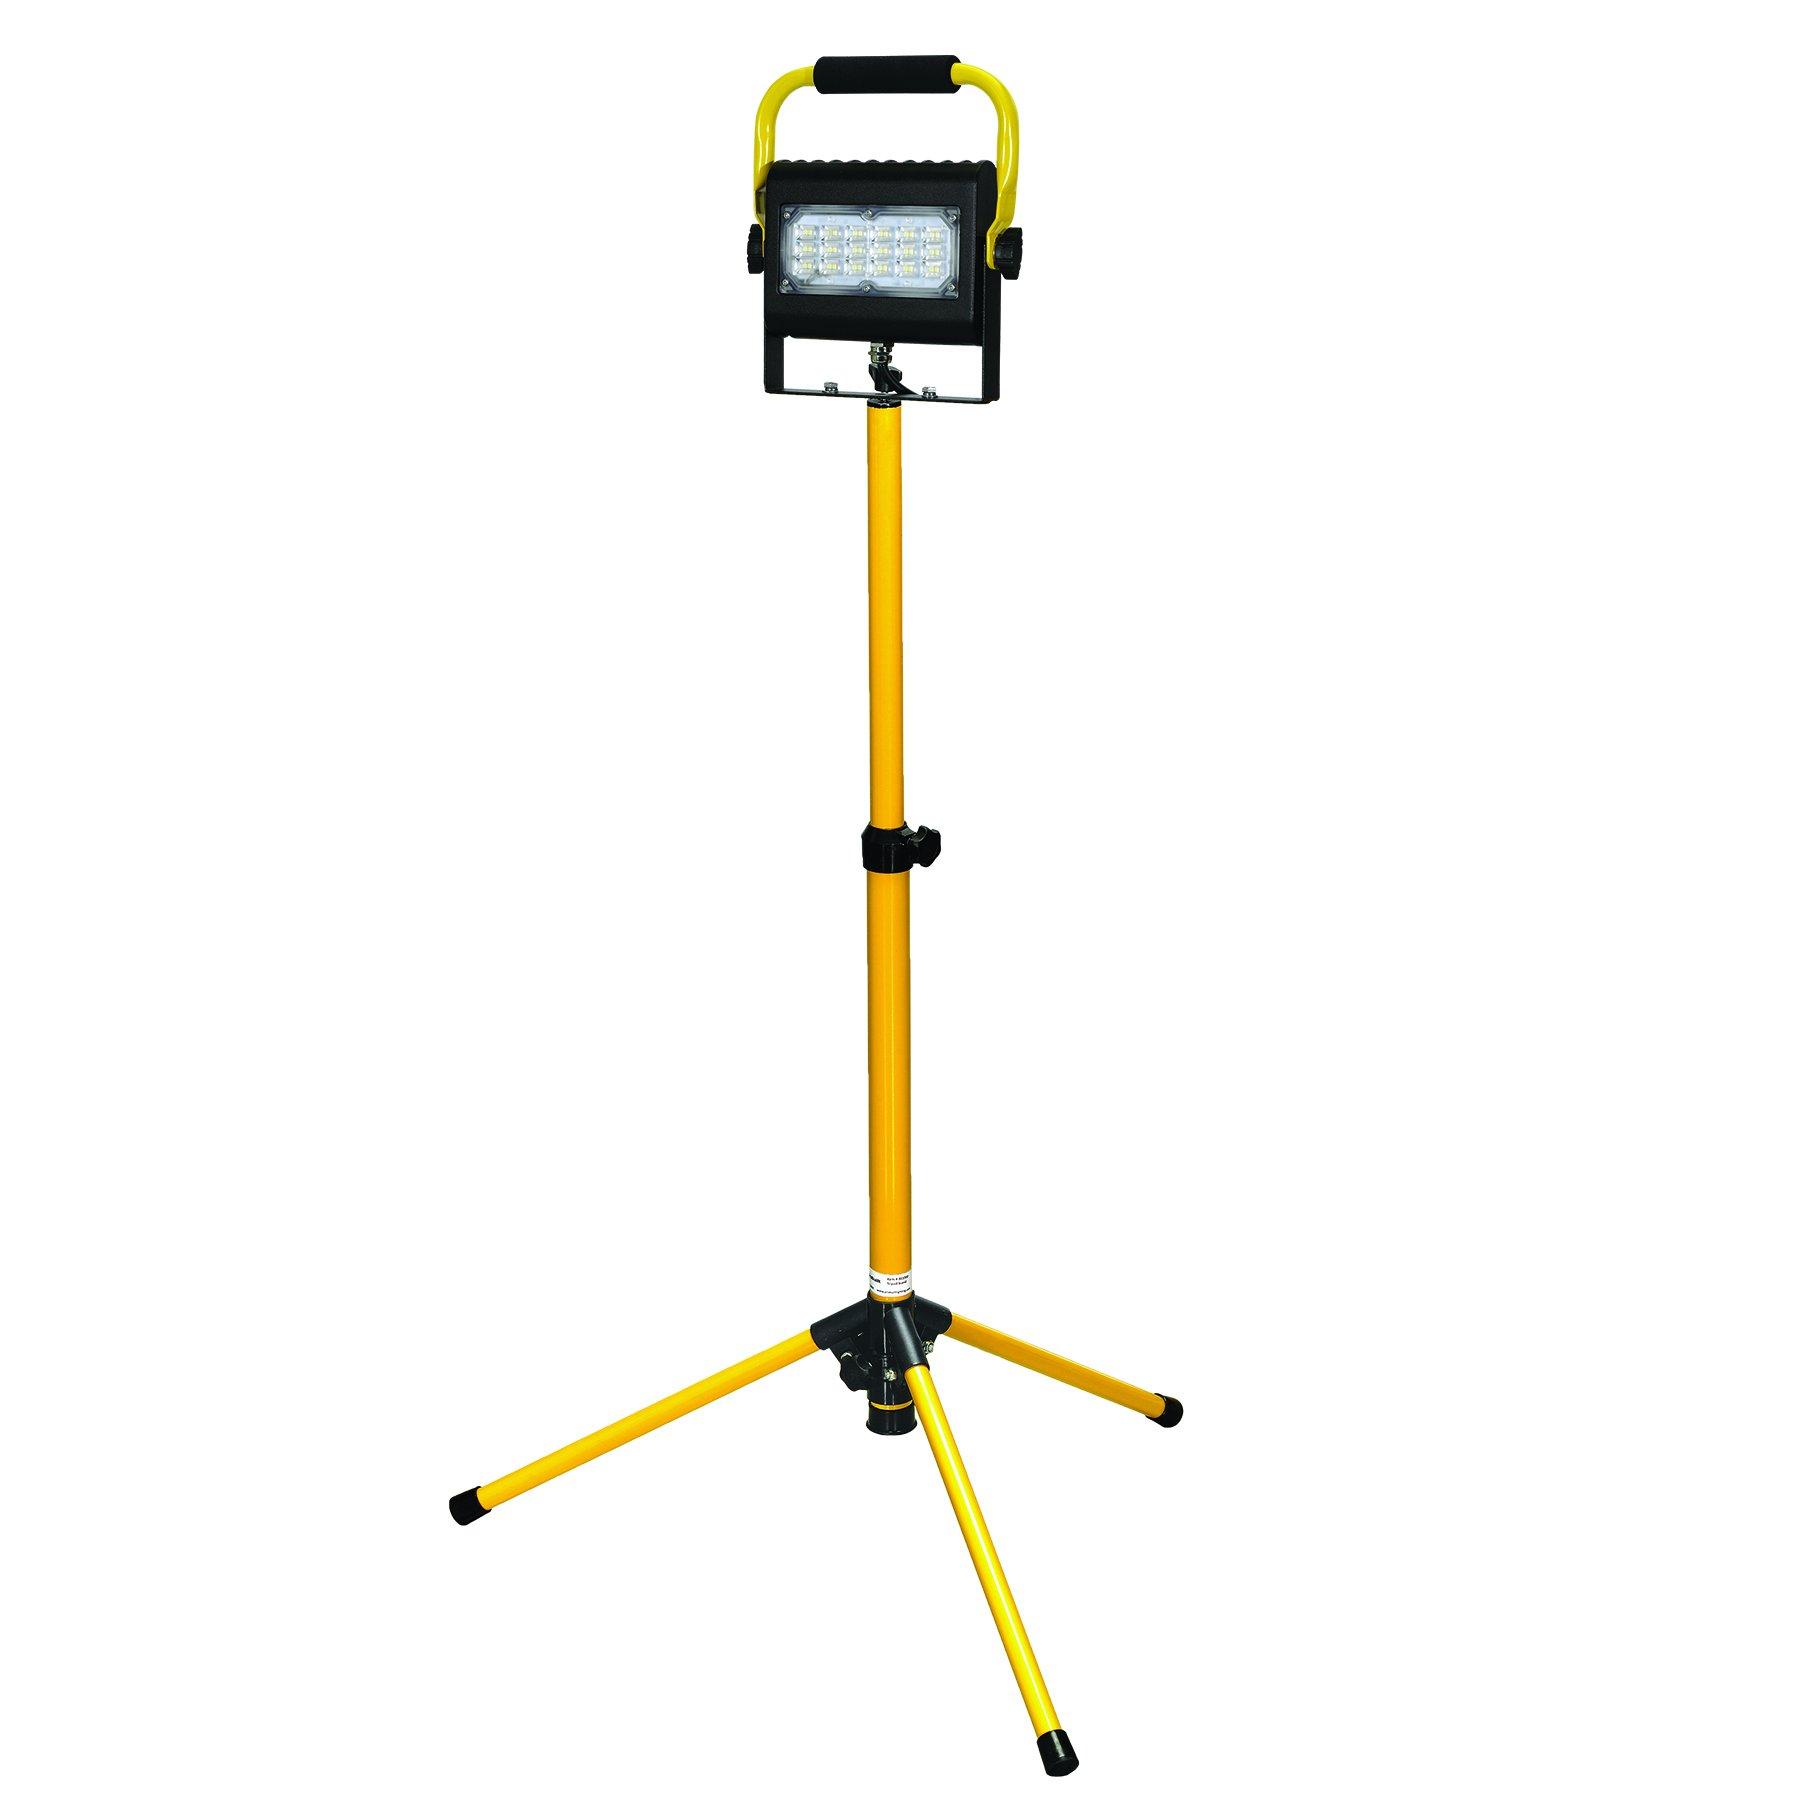 Prolight 411230 Probuilt Slim Series 30-Watt LED Work Light-Single Head w/2-Step Tripod 2-Step, Yellow/Black